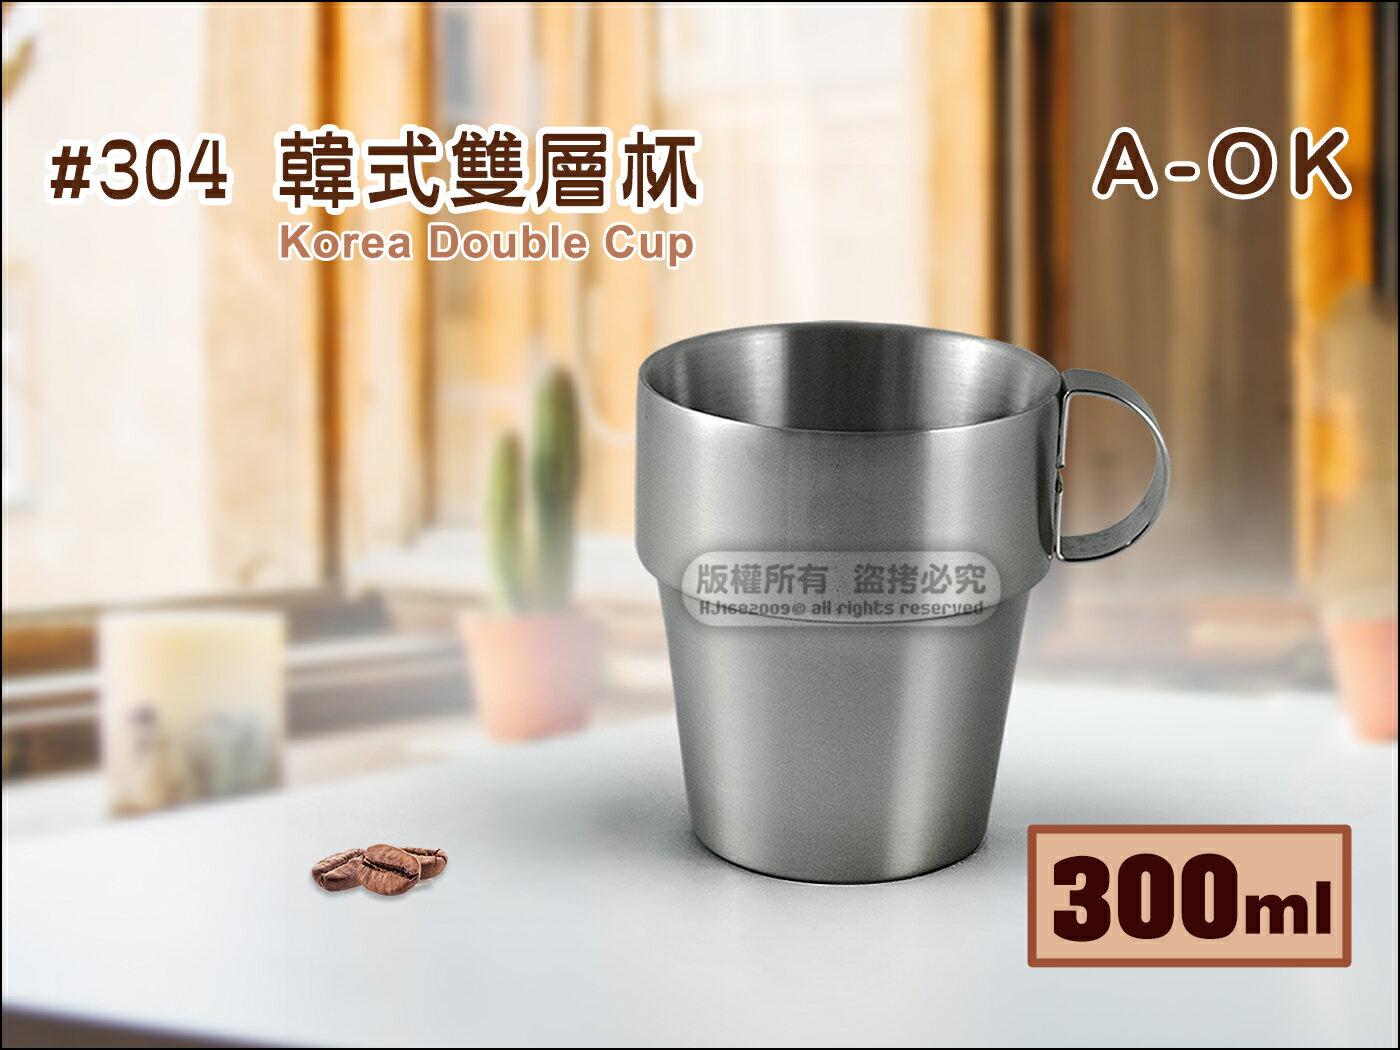 快樂屋♪ A-OK 2464 304不鏽鋼【鋼耳】防燙杯 300cc 小鋼杯/露營杯/隔熱杯